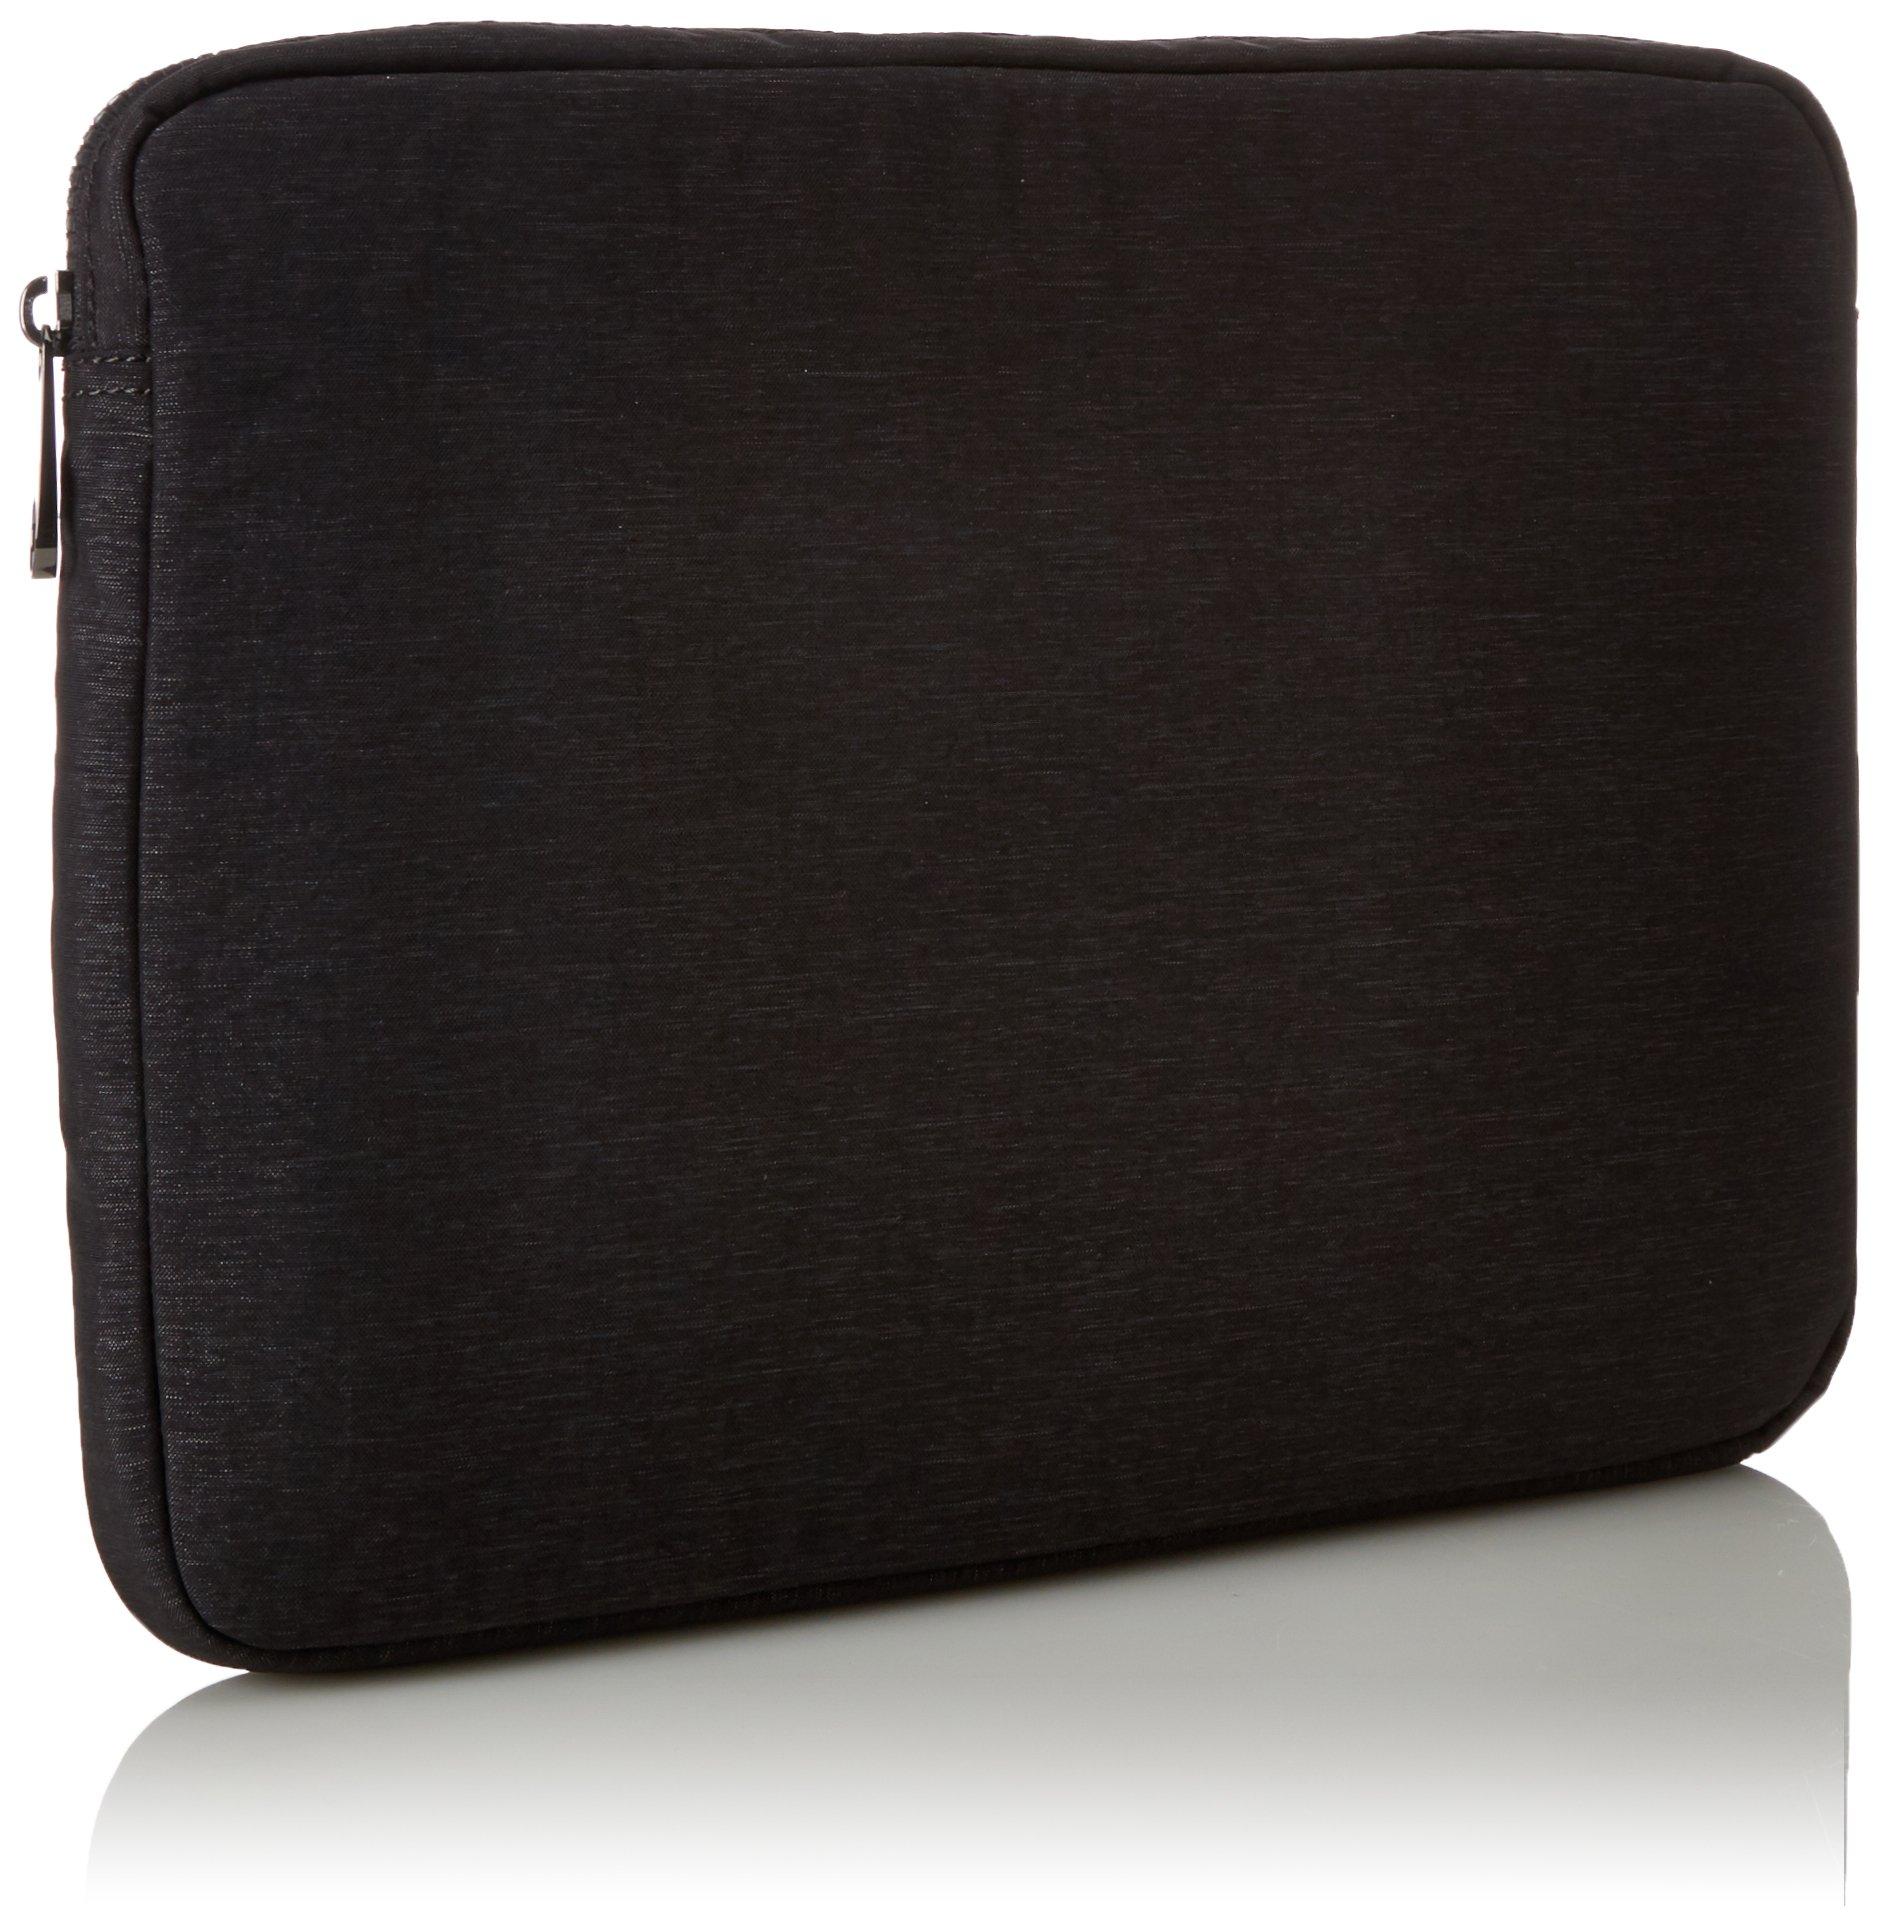 81AxbzuPIQL - Kipling Laptop Cover 13 Organizador de Bolso, 35 cm, 2.5 litros